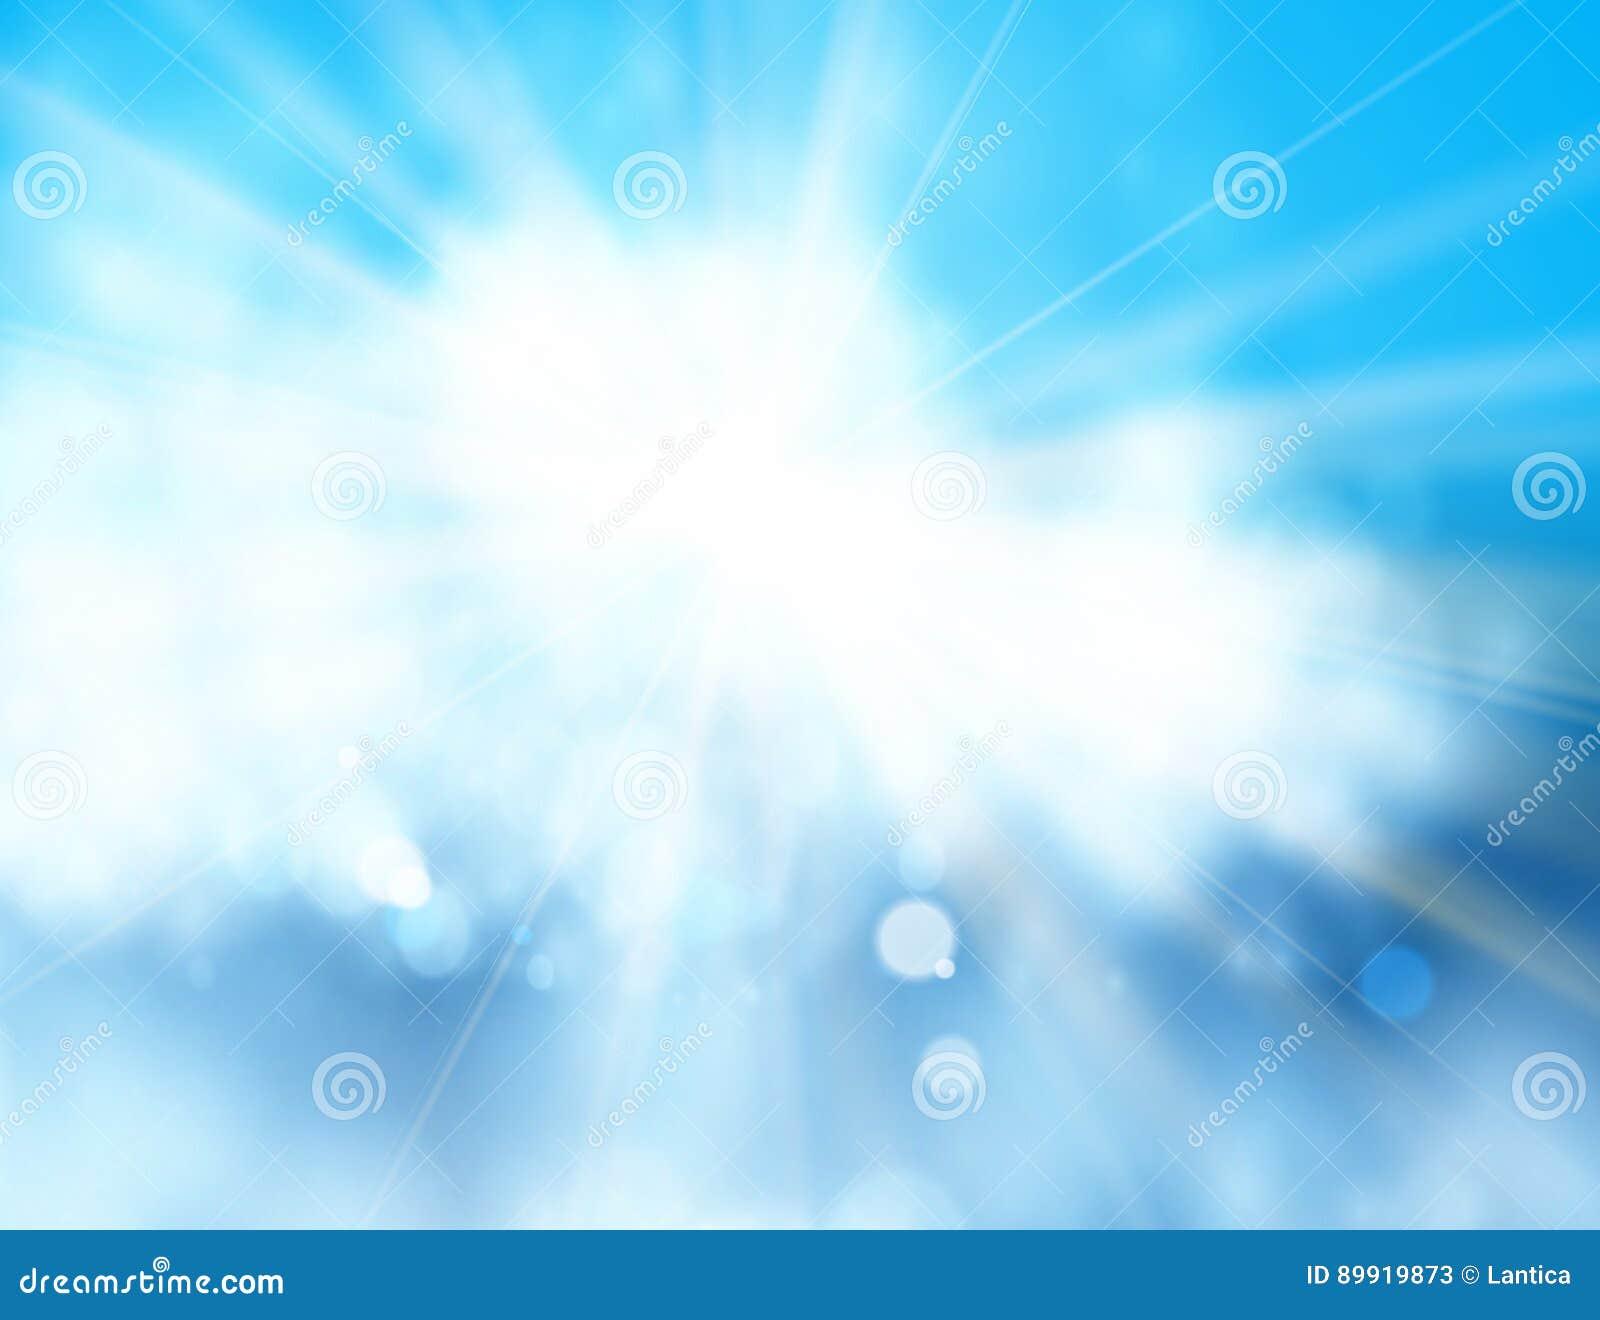 ήλιος μπλε ουρανού Ρεαλιστικό σχέδιο θαμπάδων με τις ακτίνες έκρηξης αφηρημένο να λάμψει ανασκόπ&